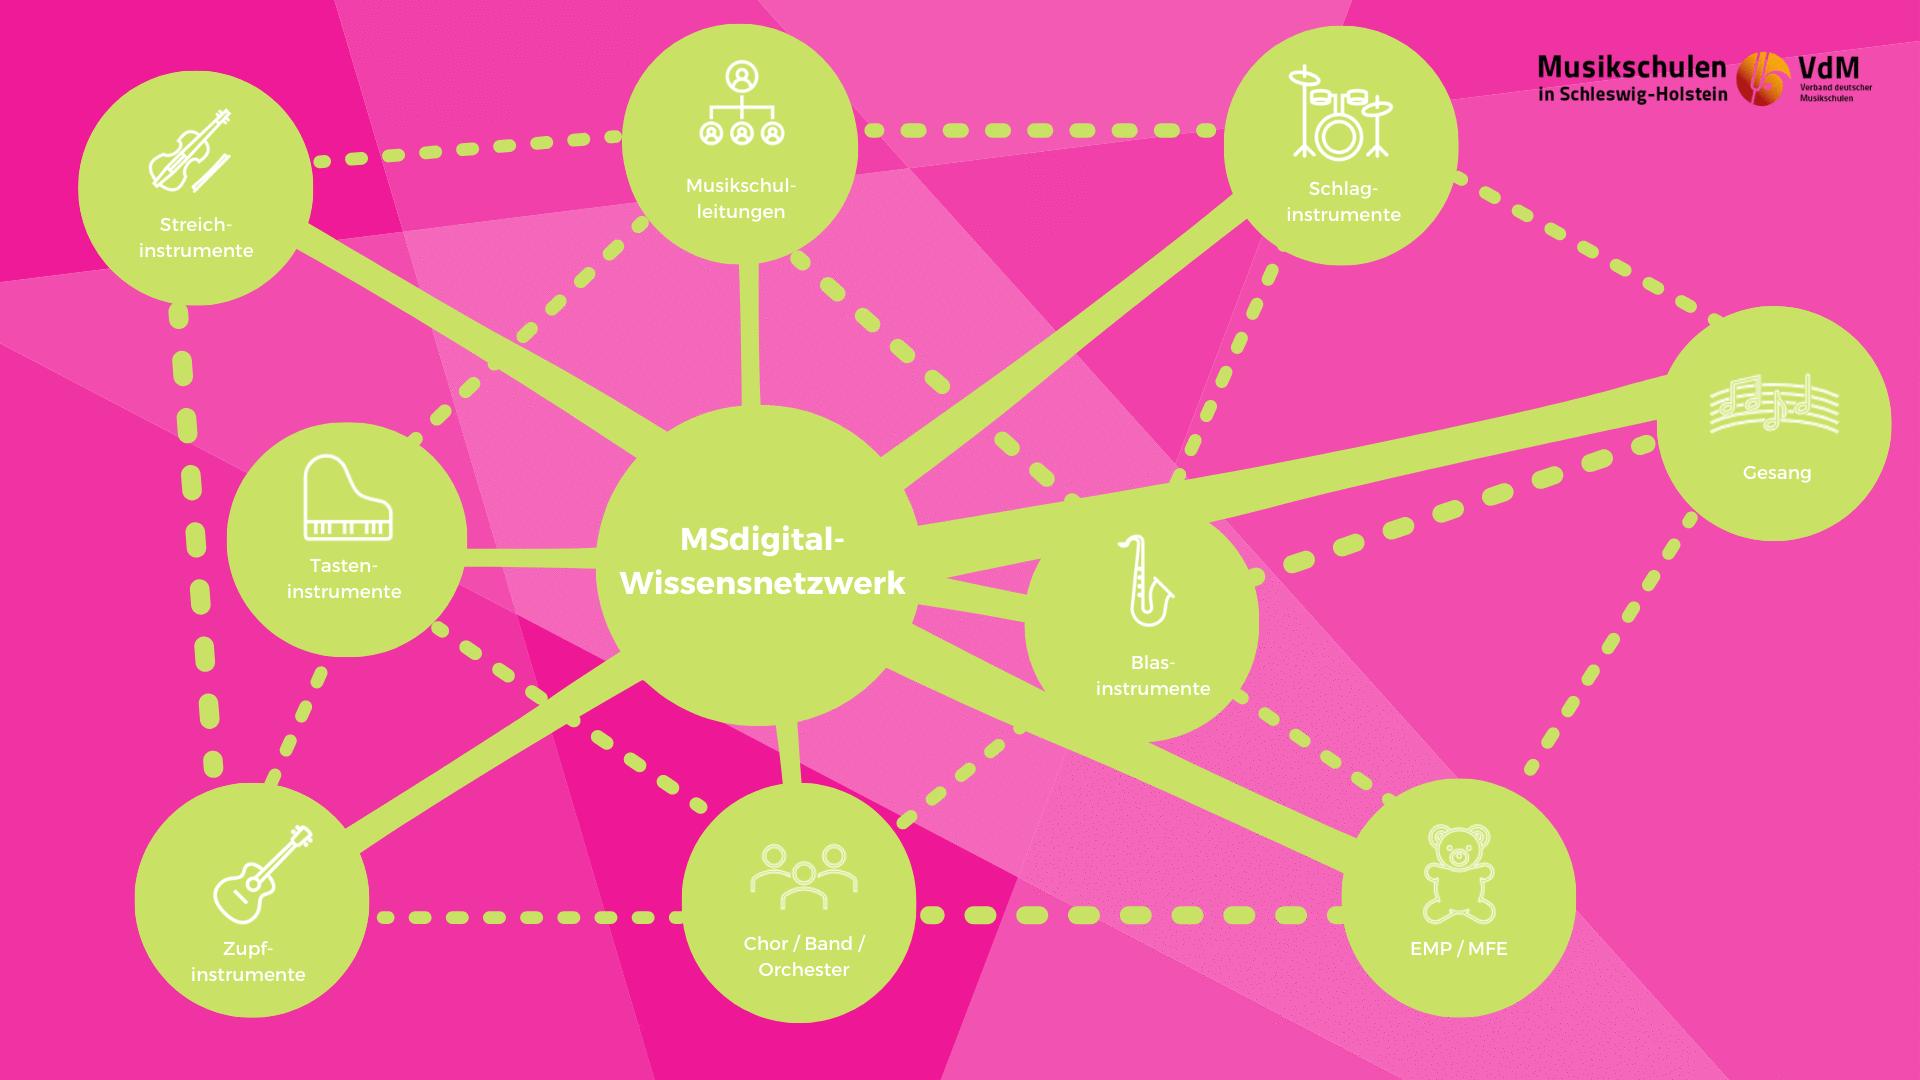 MSdigital-Wissensnetzwerk startet voll durch